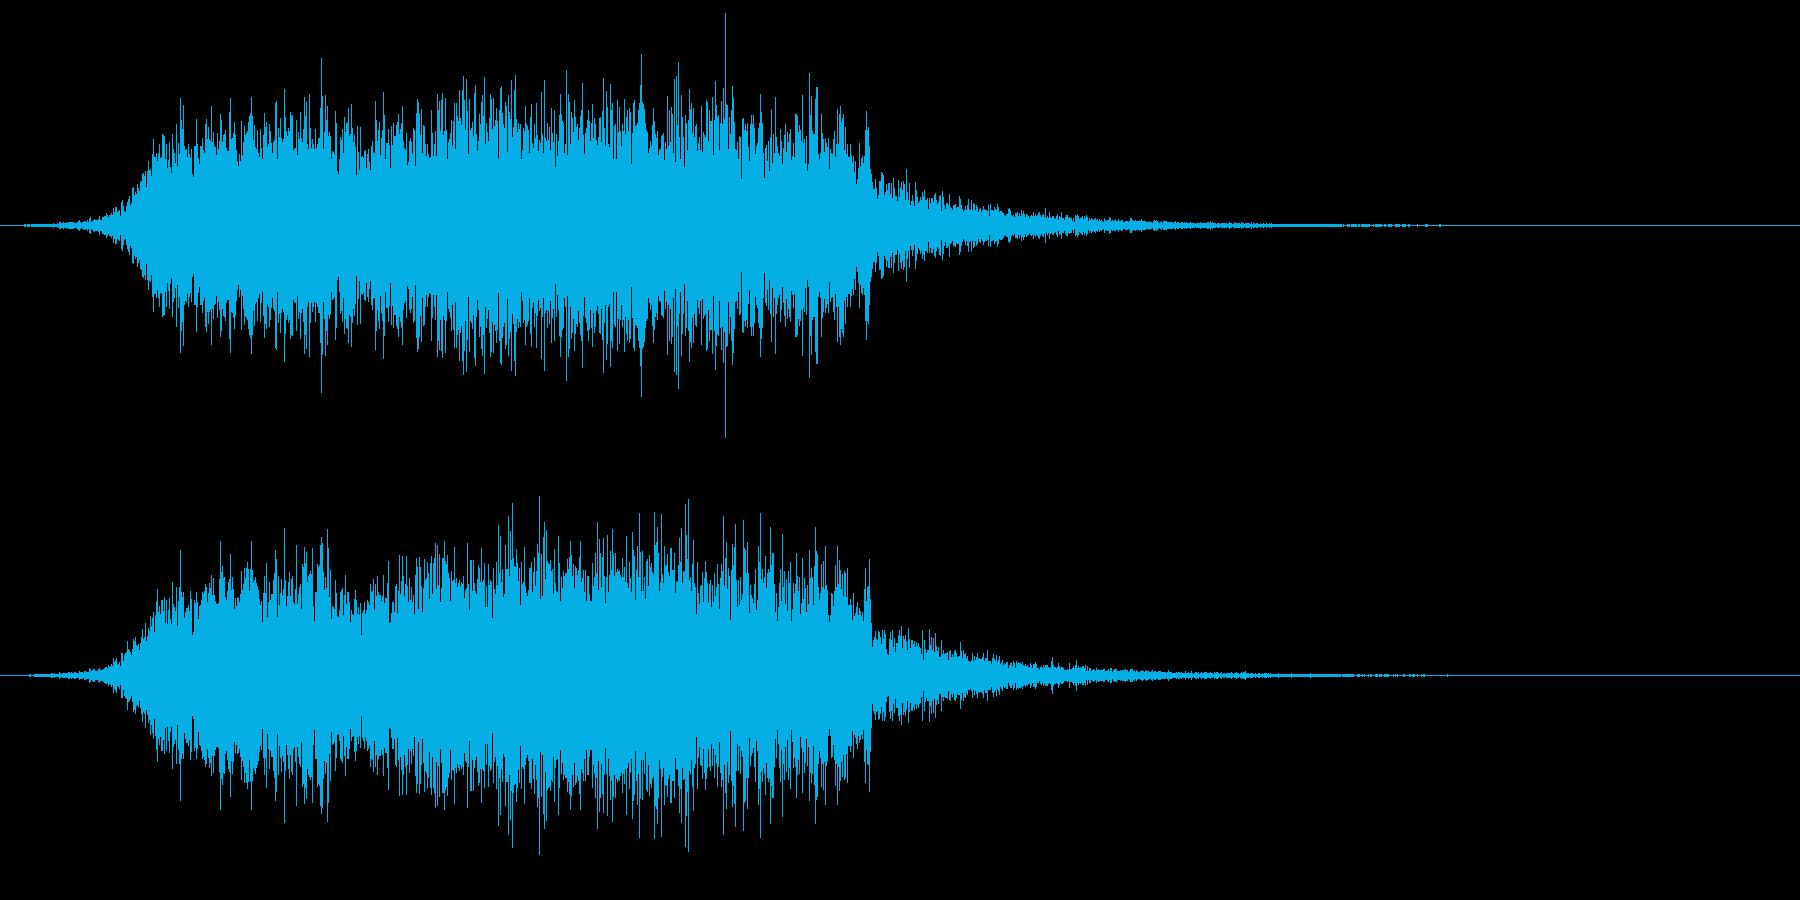 【ダーク】ホラー演出SE_05 出現の再生済みの波形